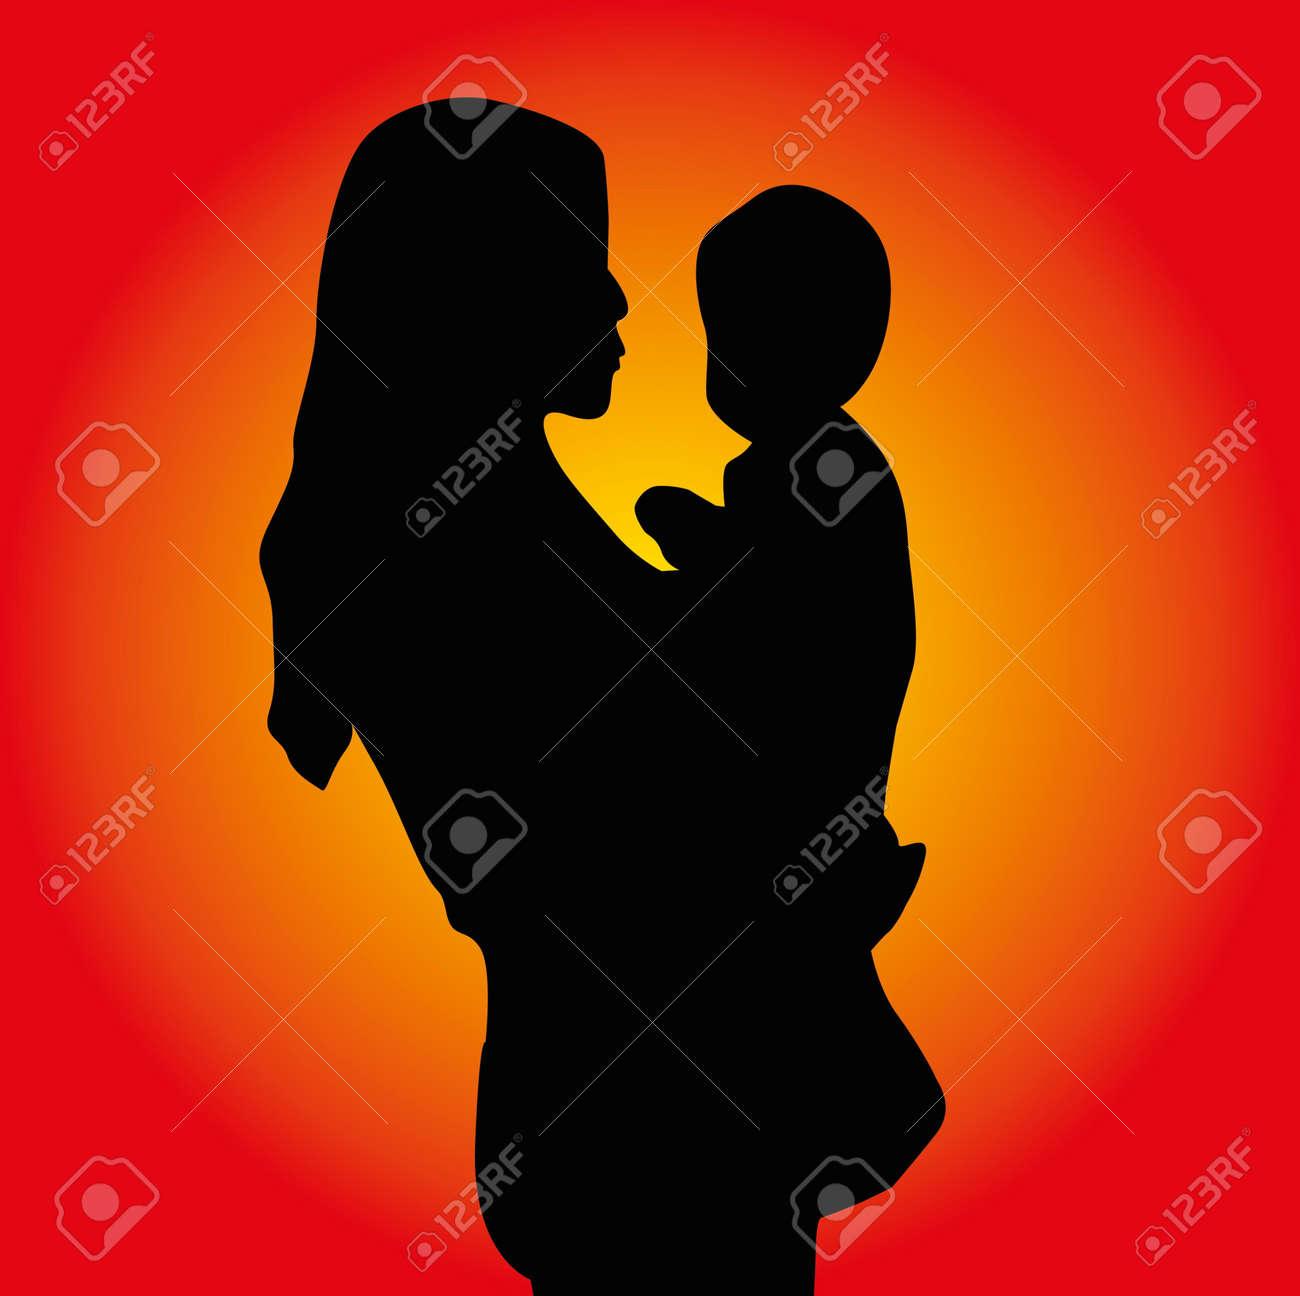 happy mothers day vector art Stock Vector - 23089124